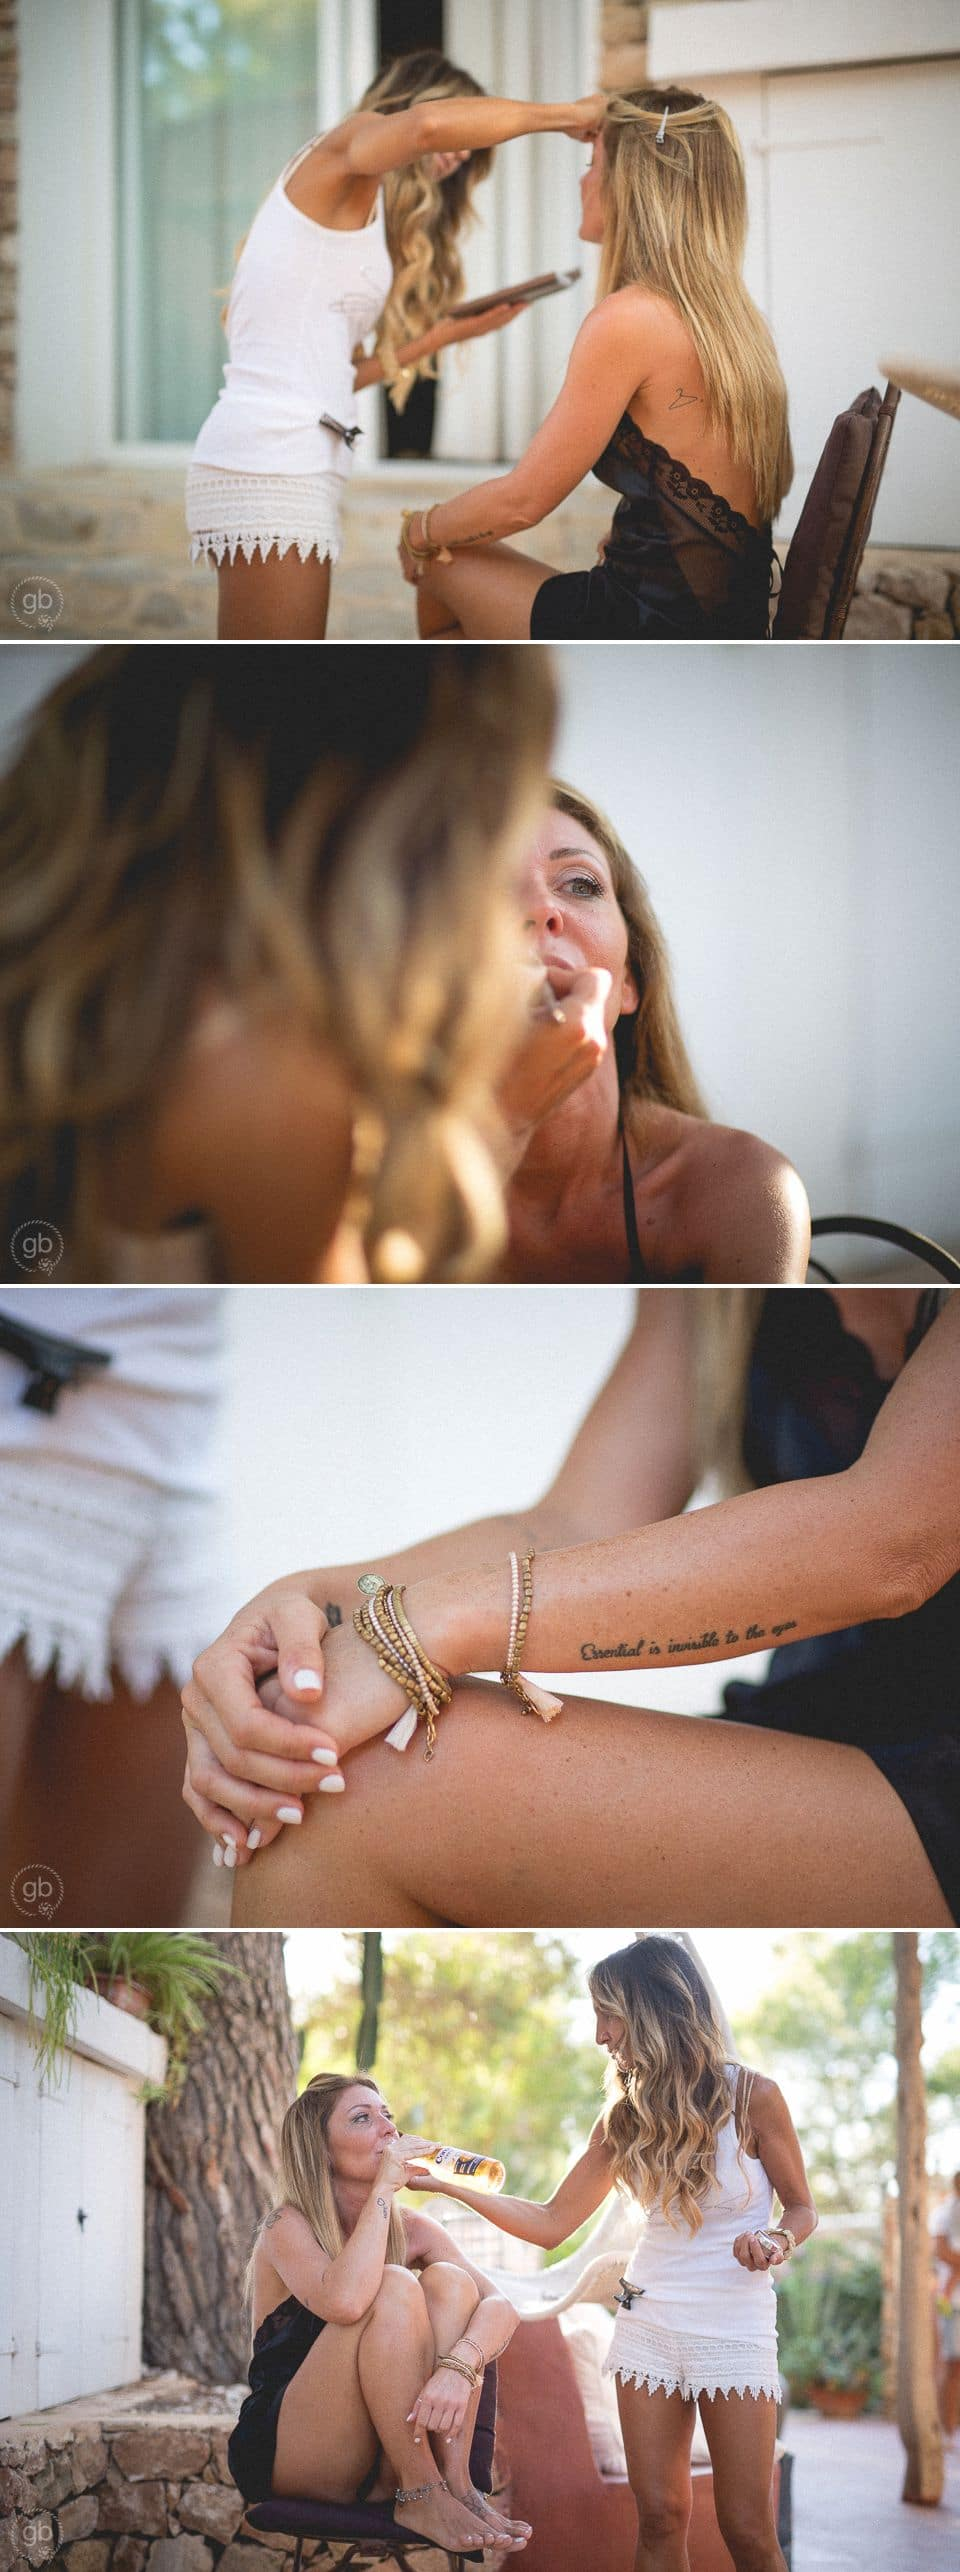 matrimonio-spiaggia-formentera-giorgio-baruffi-fotografo_0007.jpg